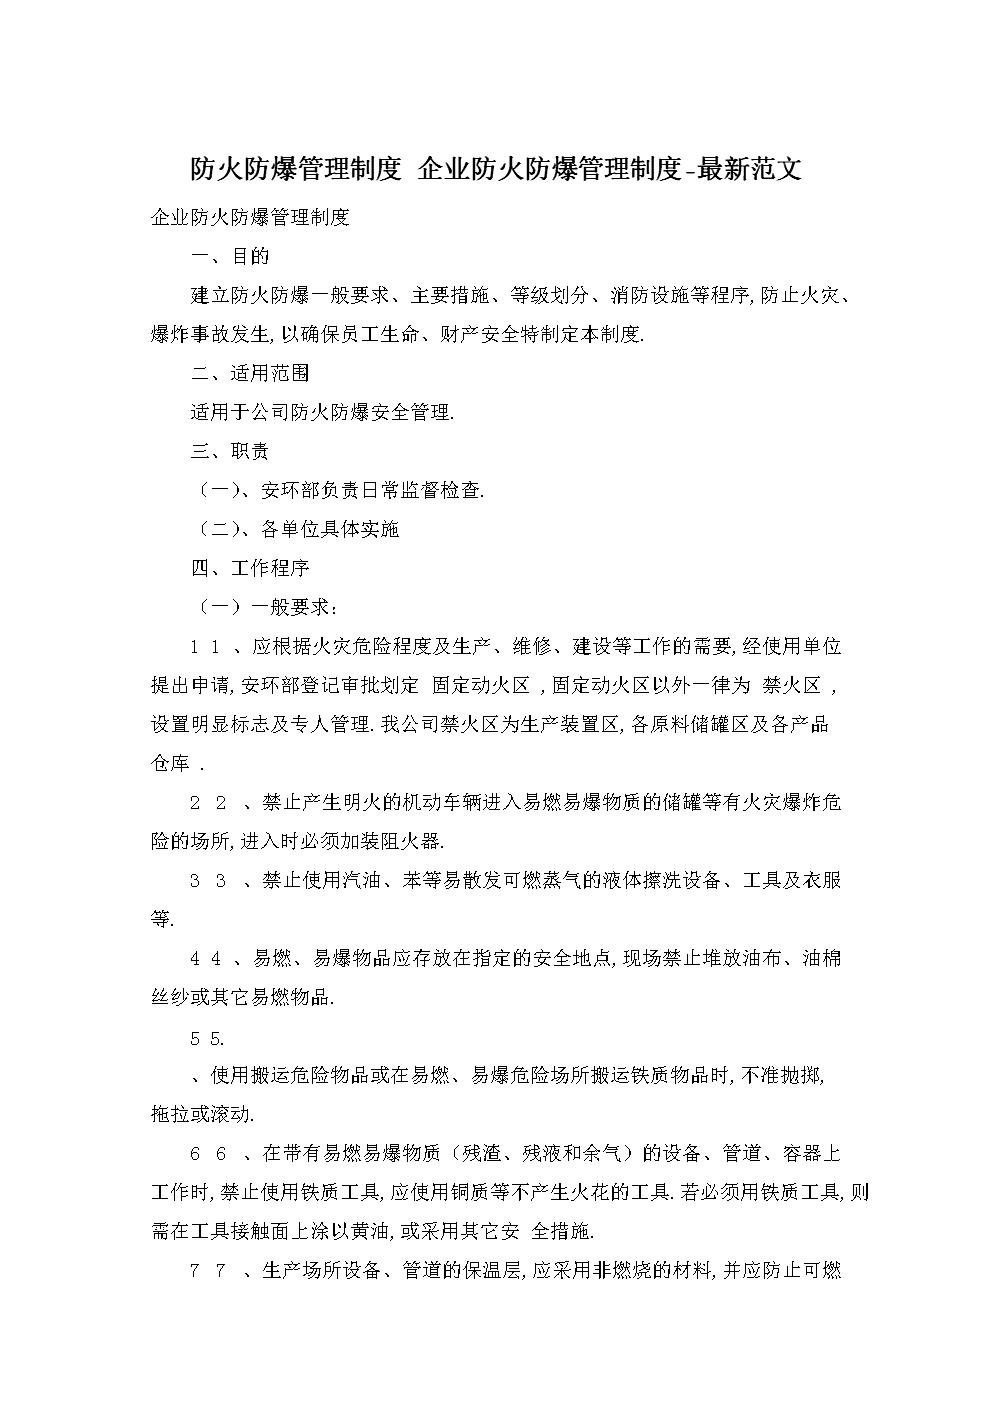 防火防爆管理制度 企业防火防爆管理制度-最新范文.doc